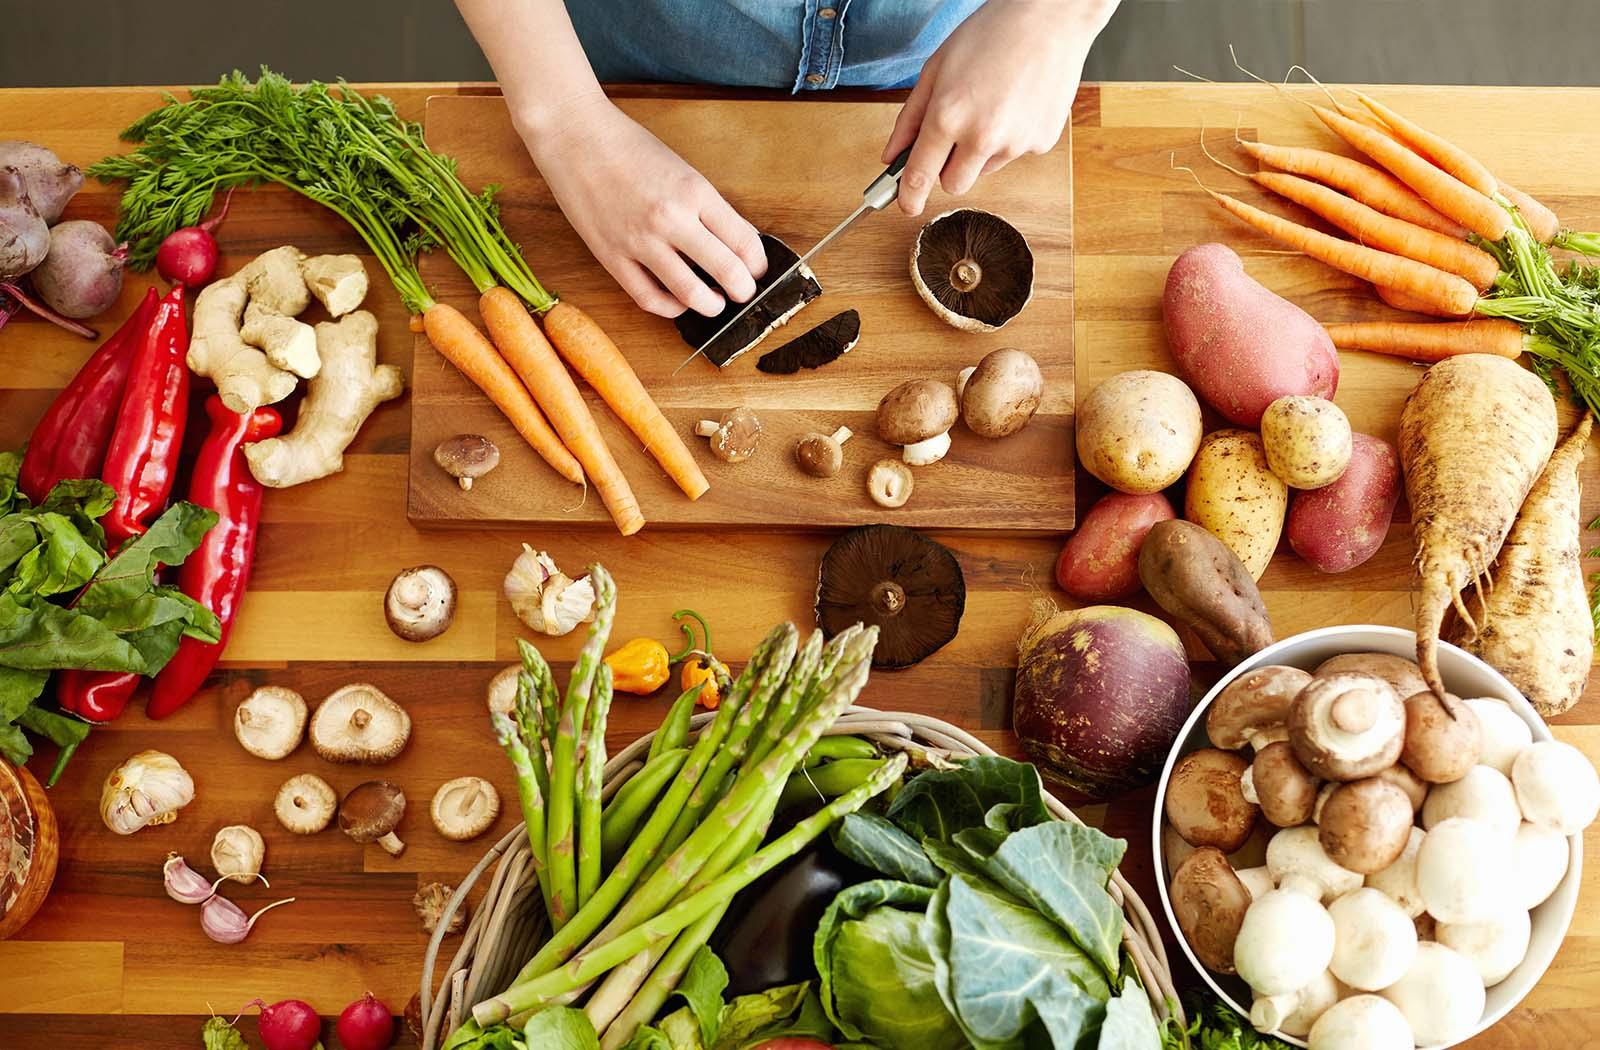 Klimafreundlich kochen: 5 einfache Tipps für nachhaltige Ernährung